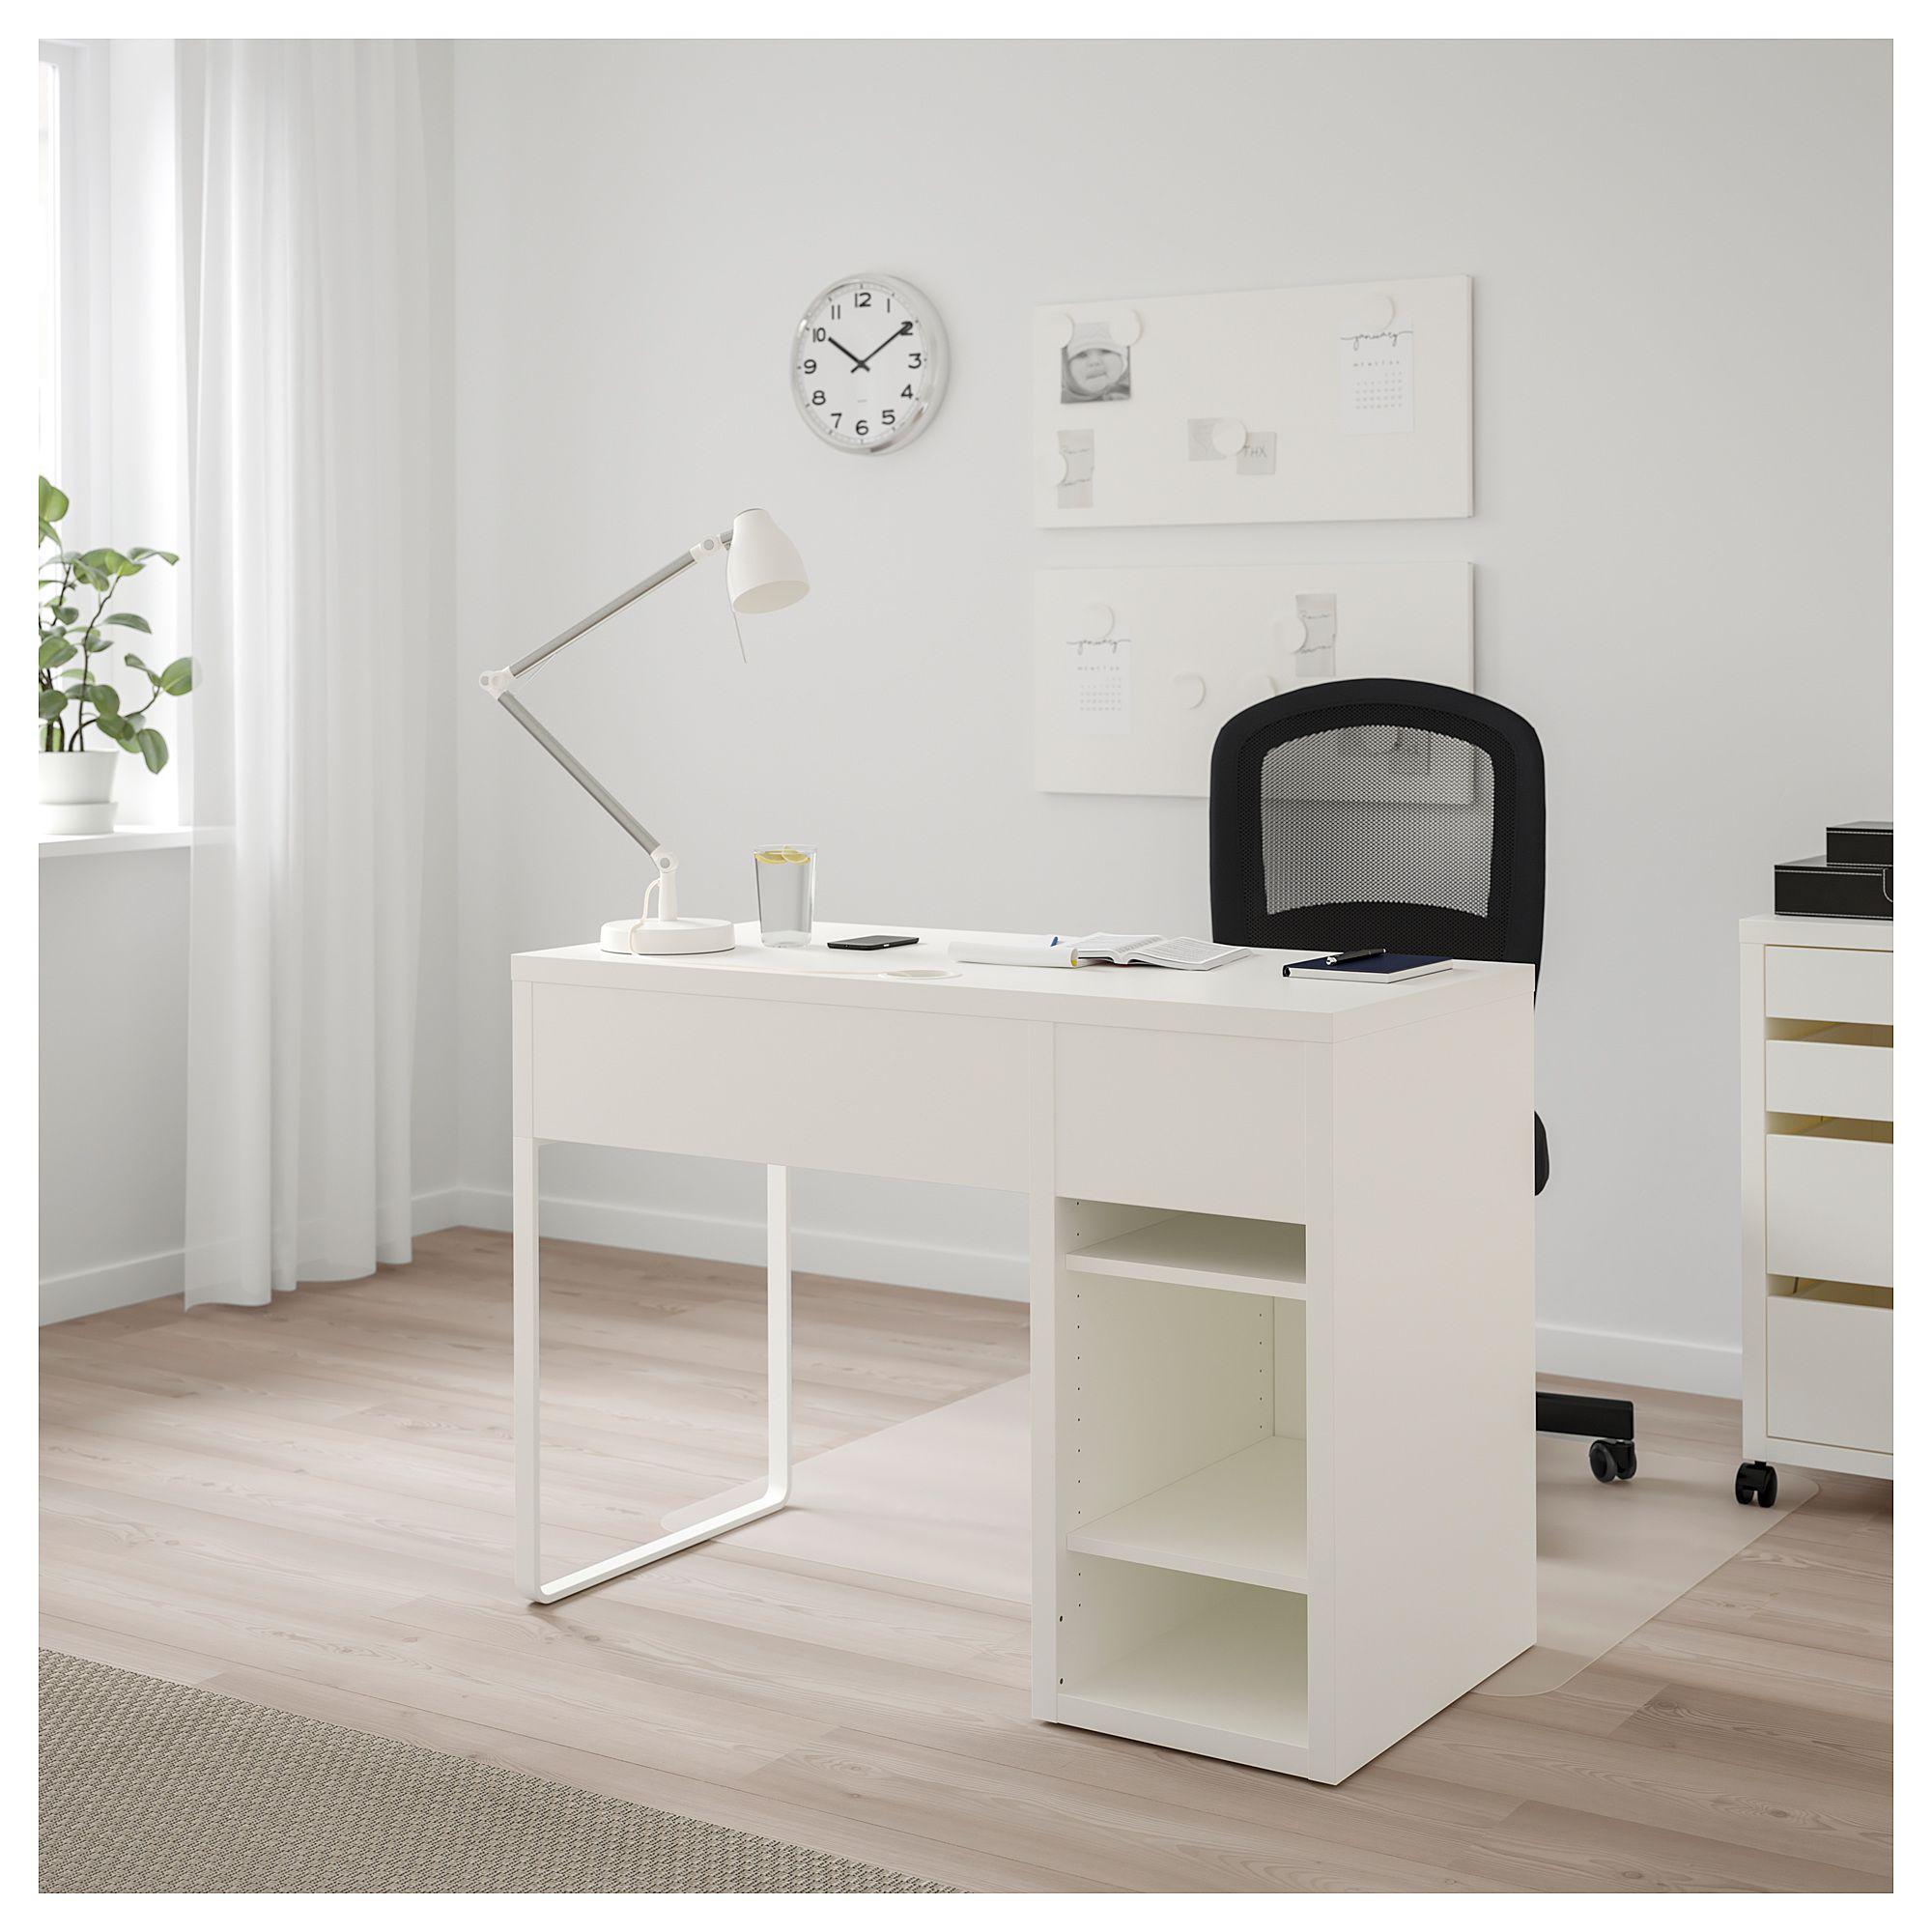 Micke Schreibtisch Weiss Micke Schreibtisch Schreibtisch Weiss